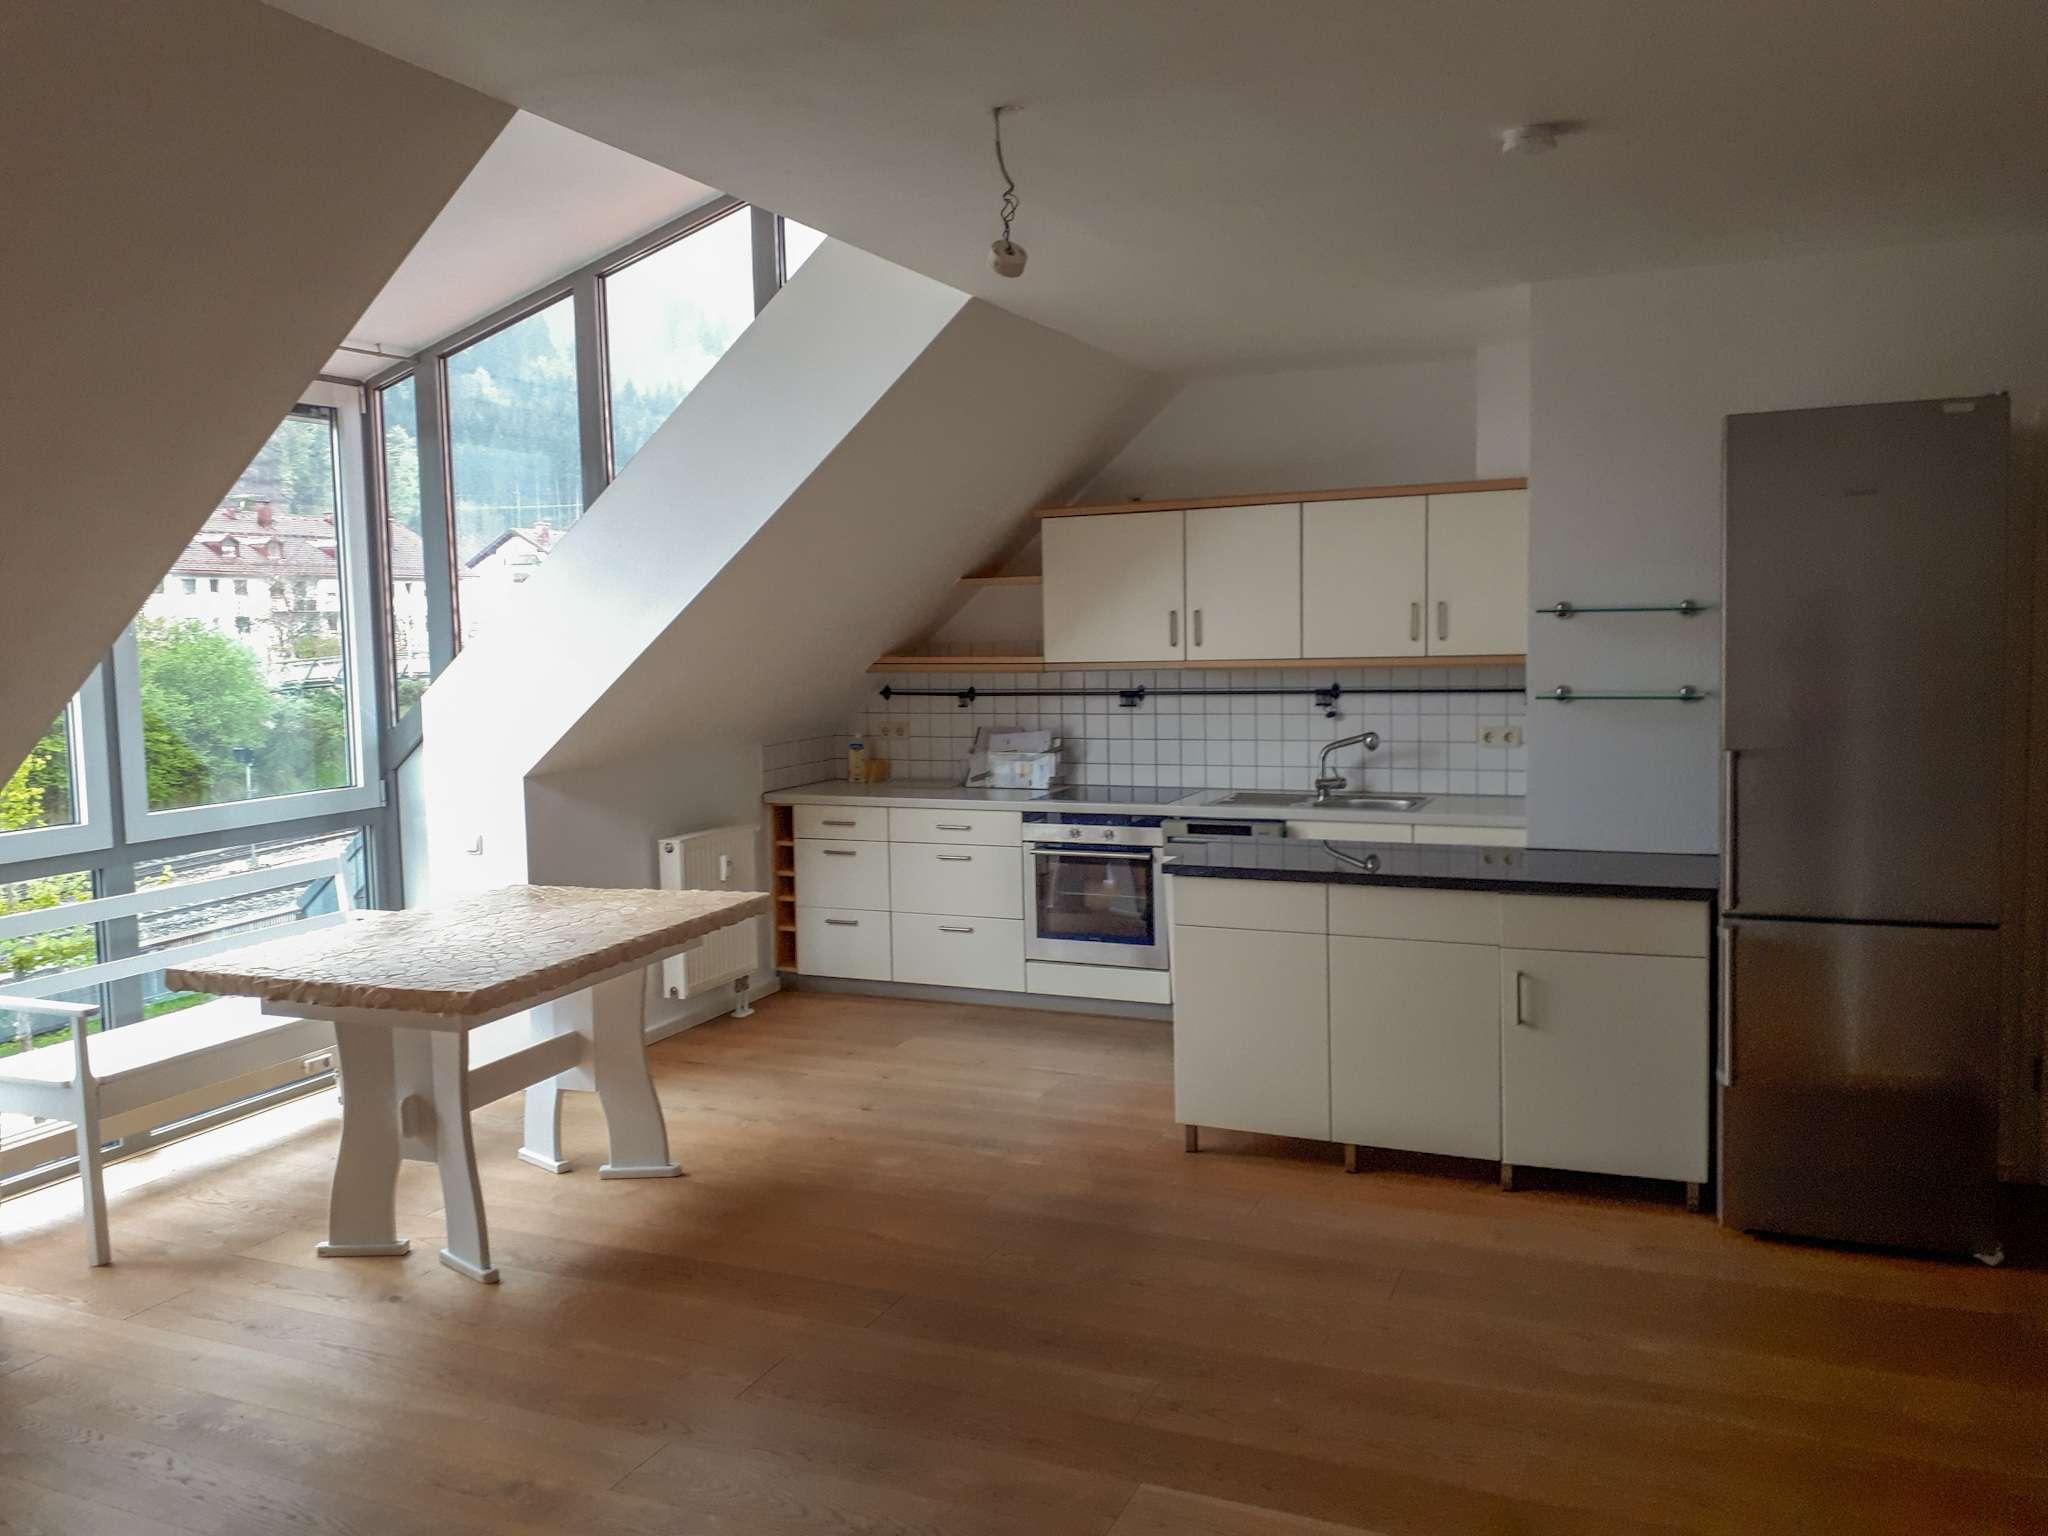 Maisonette-Wohnung mit Einbauküche im Zentrum von Immenstadt im Allgäu